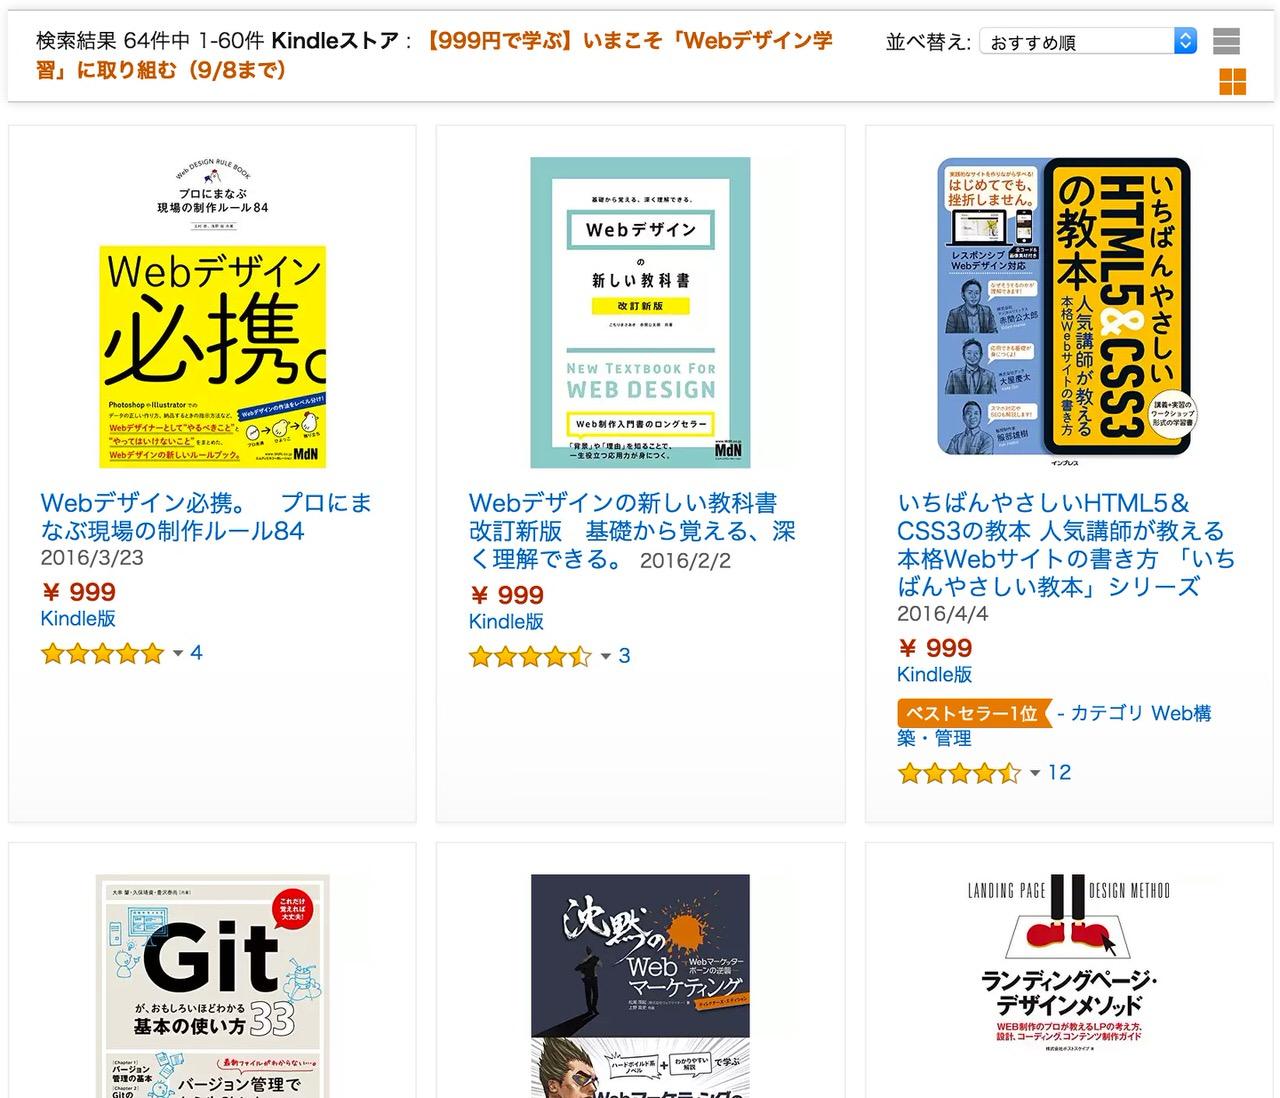 【Kindle】999円均一!【999円で学ぶ】いまこそ「Webデザイン学習」に取り組むセールを開催中